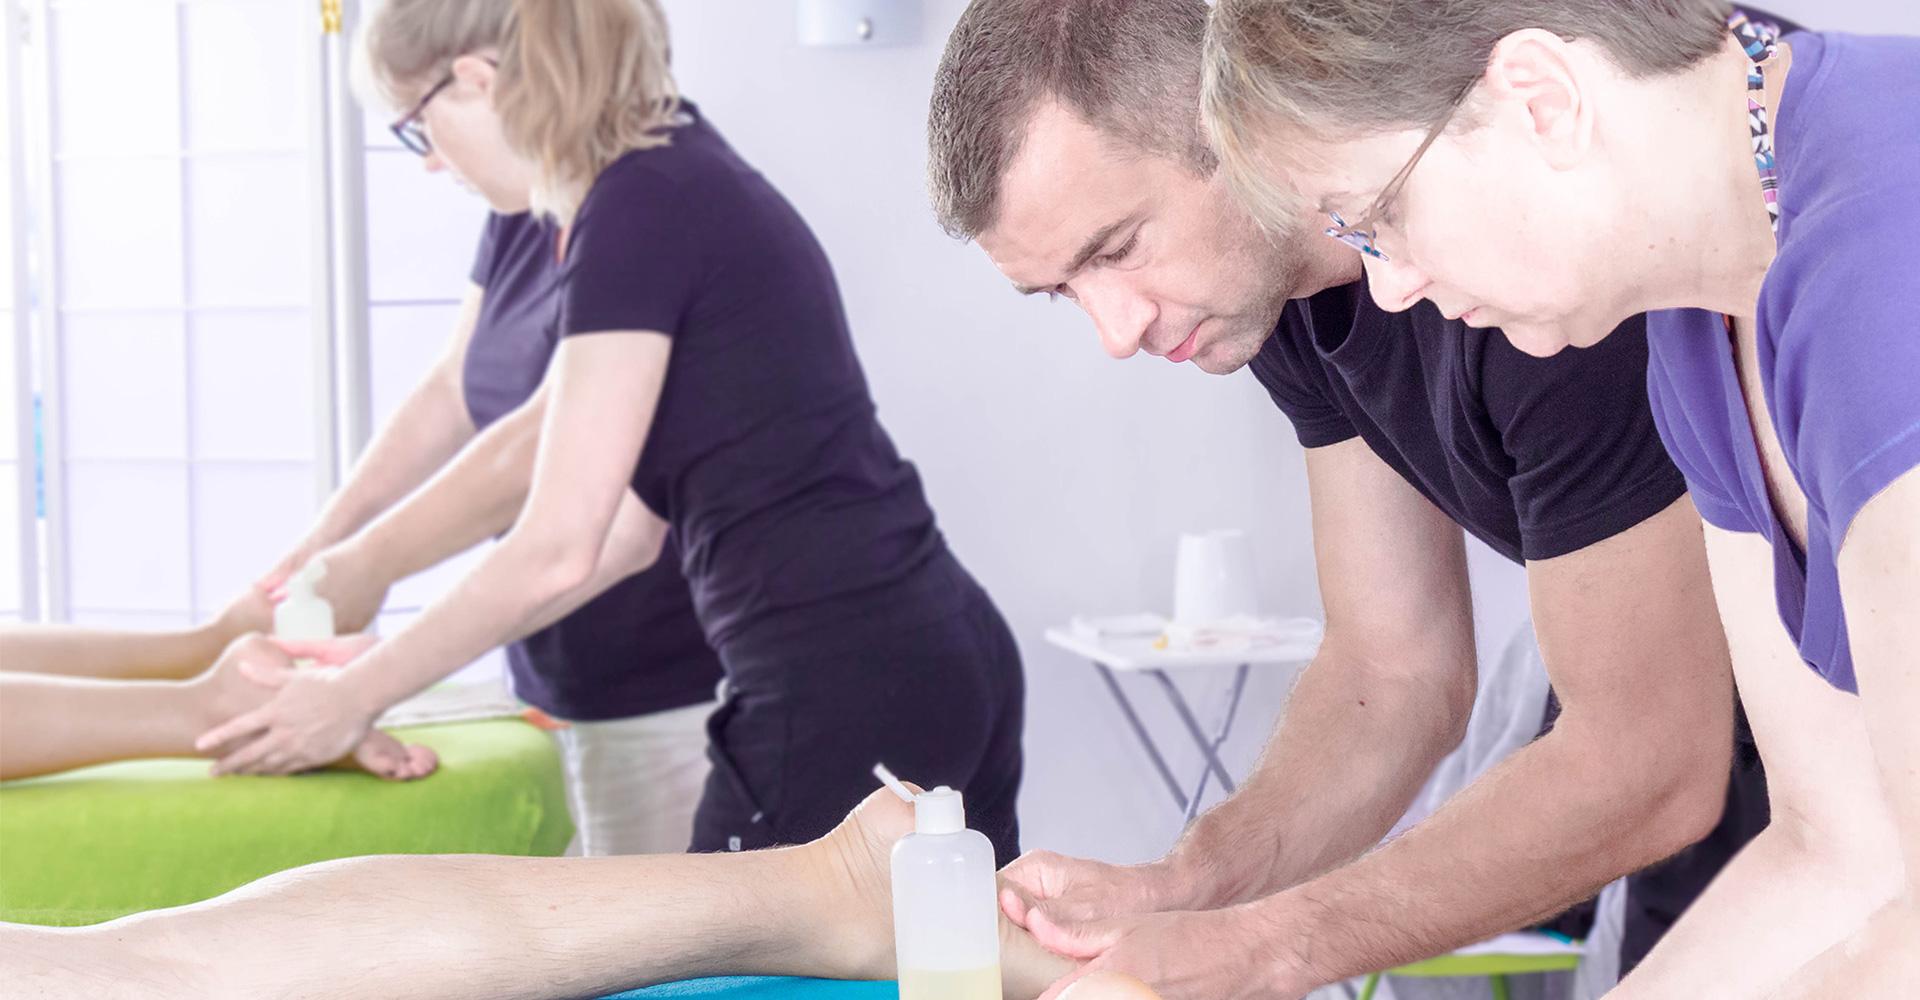 centre-de-formation-aux-massages-bien-etre-anjayati Val d'Oise